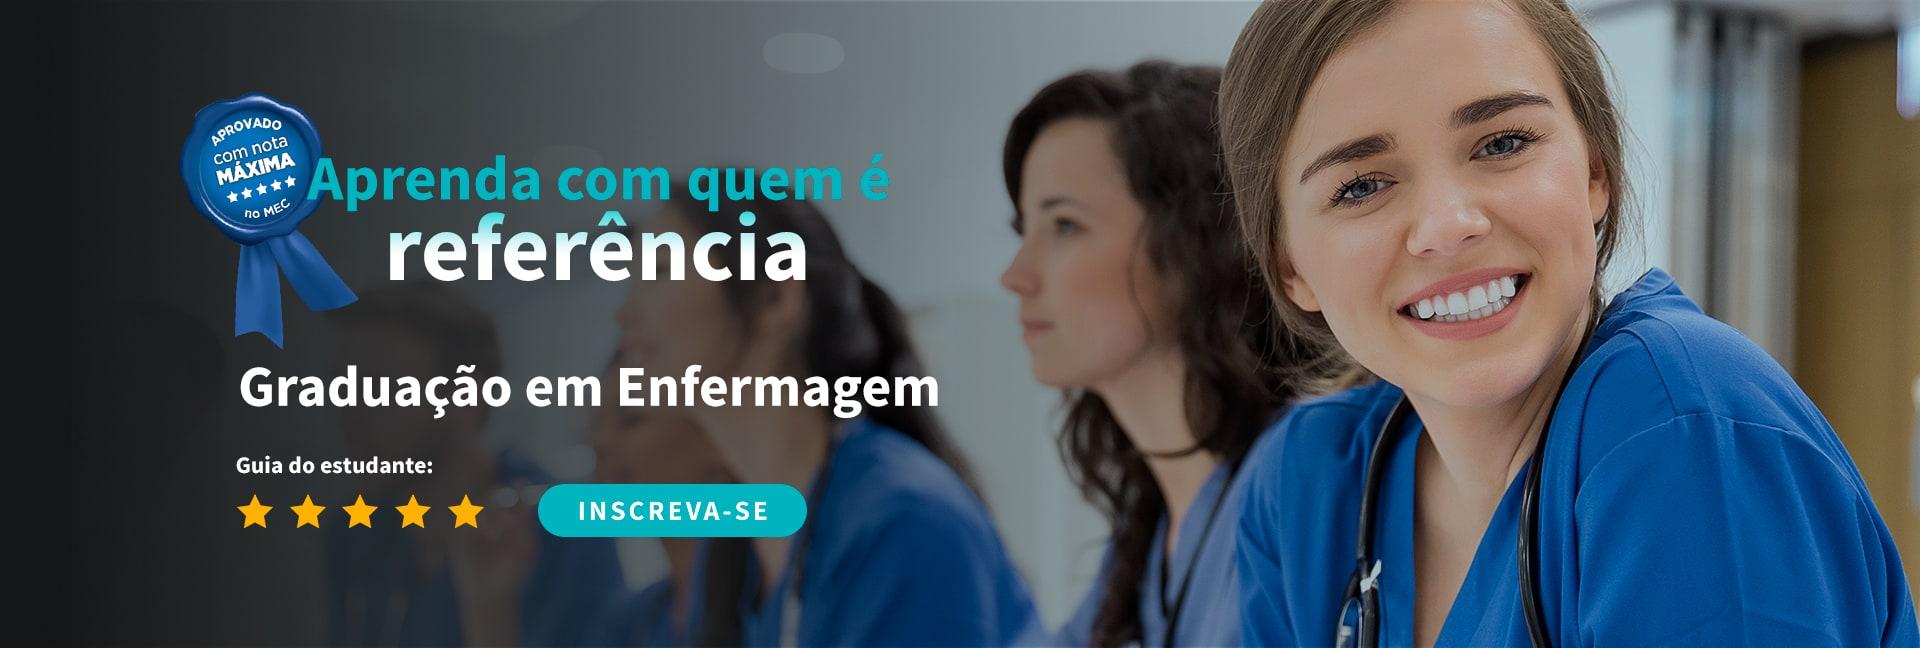 Curso de enfermagem com nota máxima no MEC